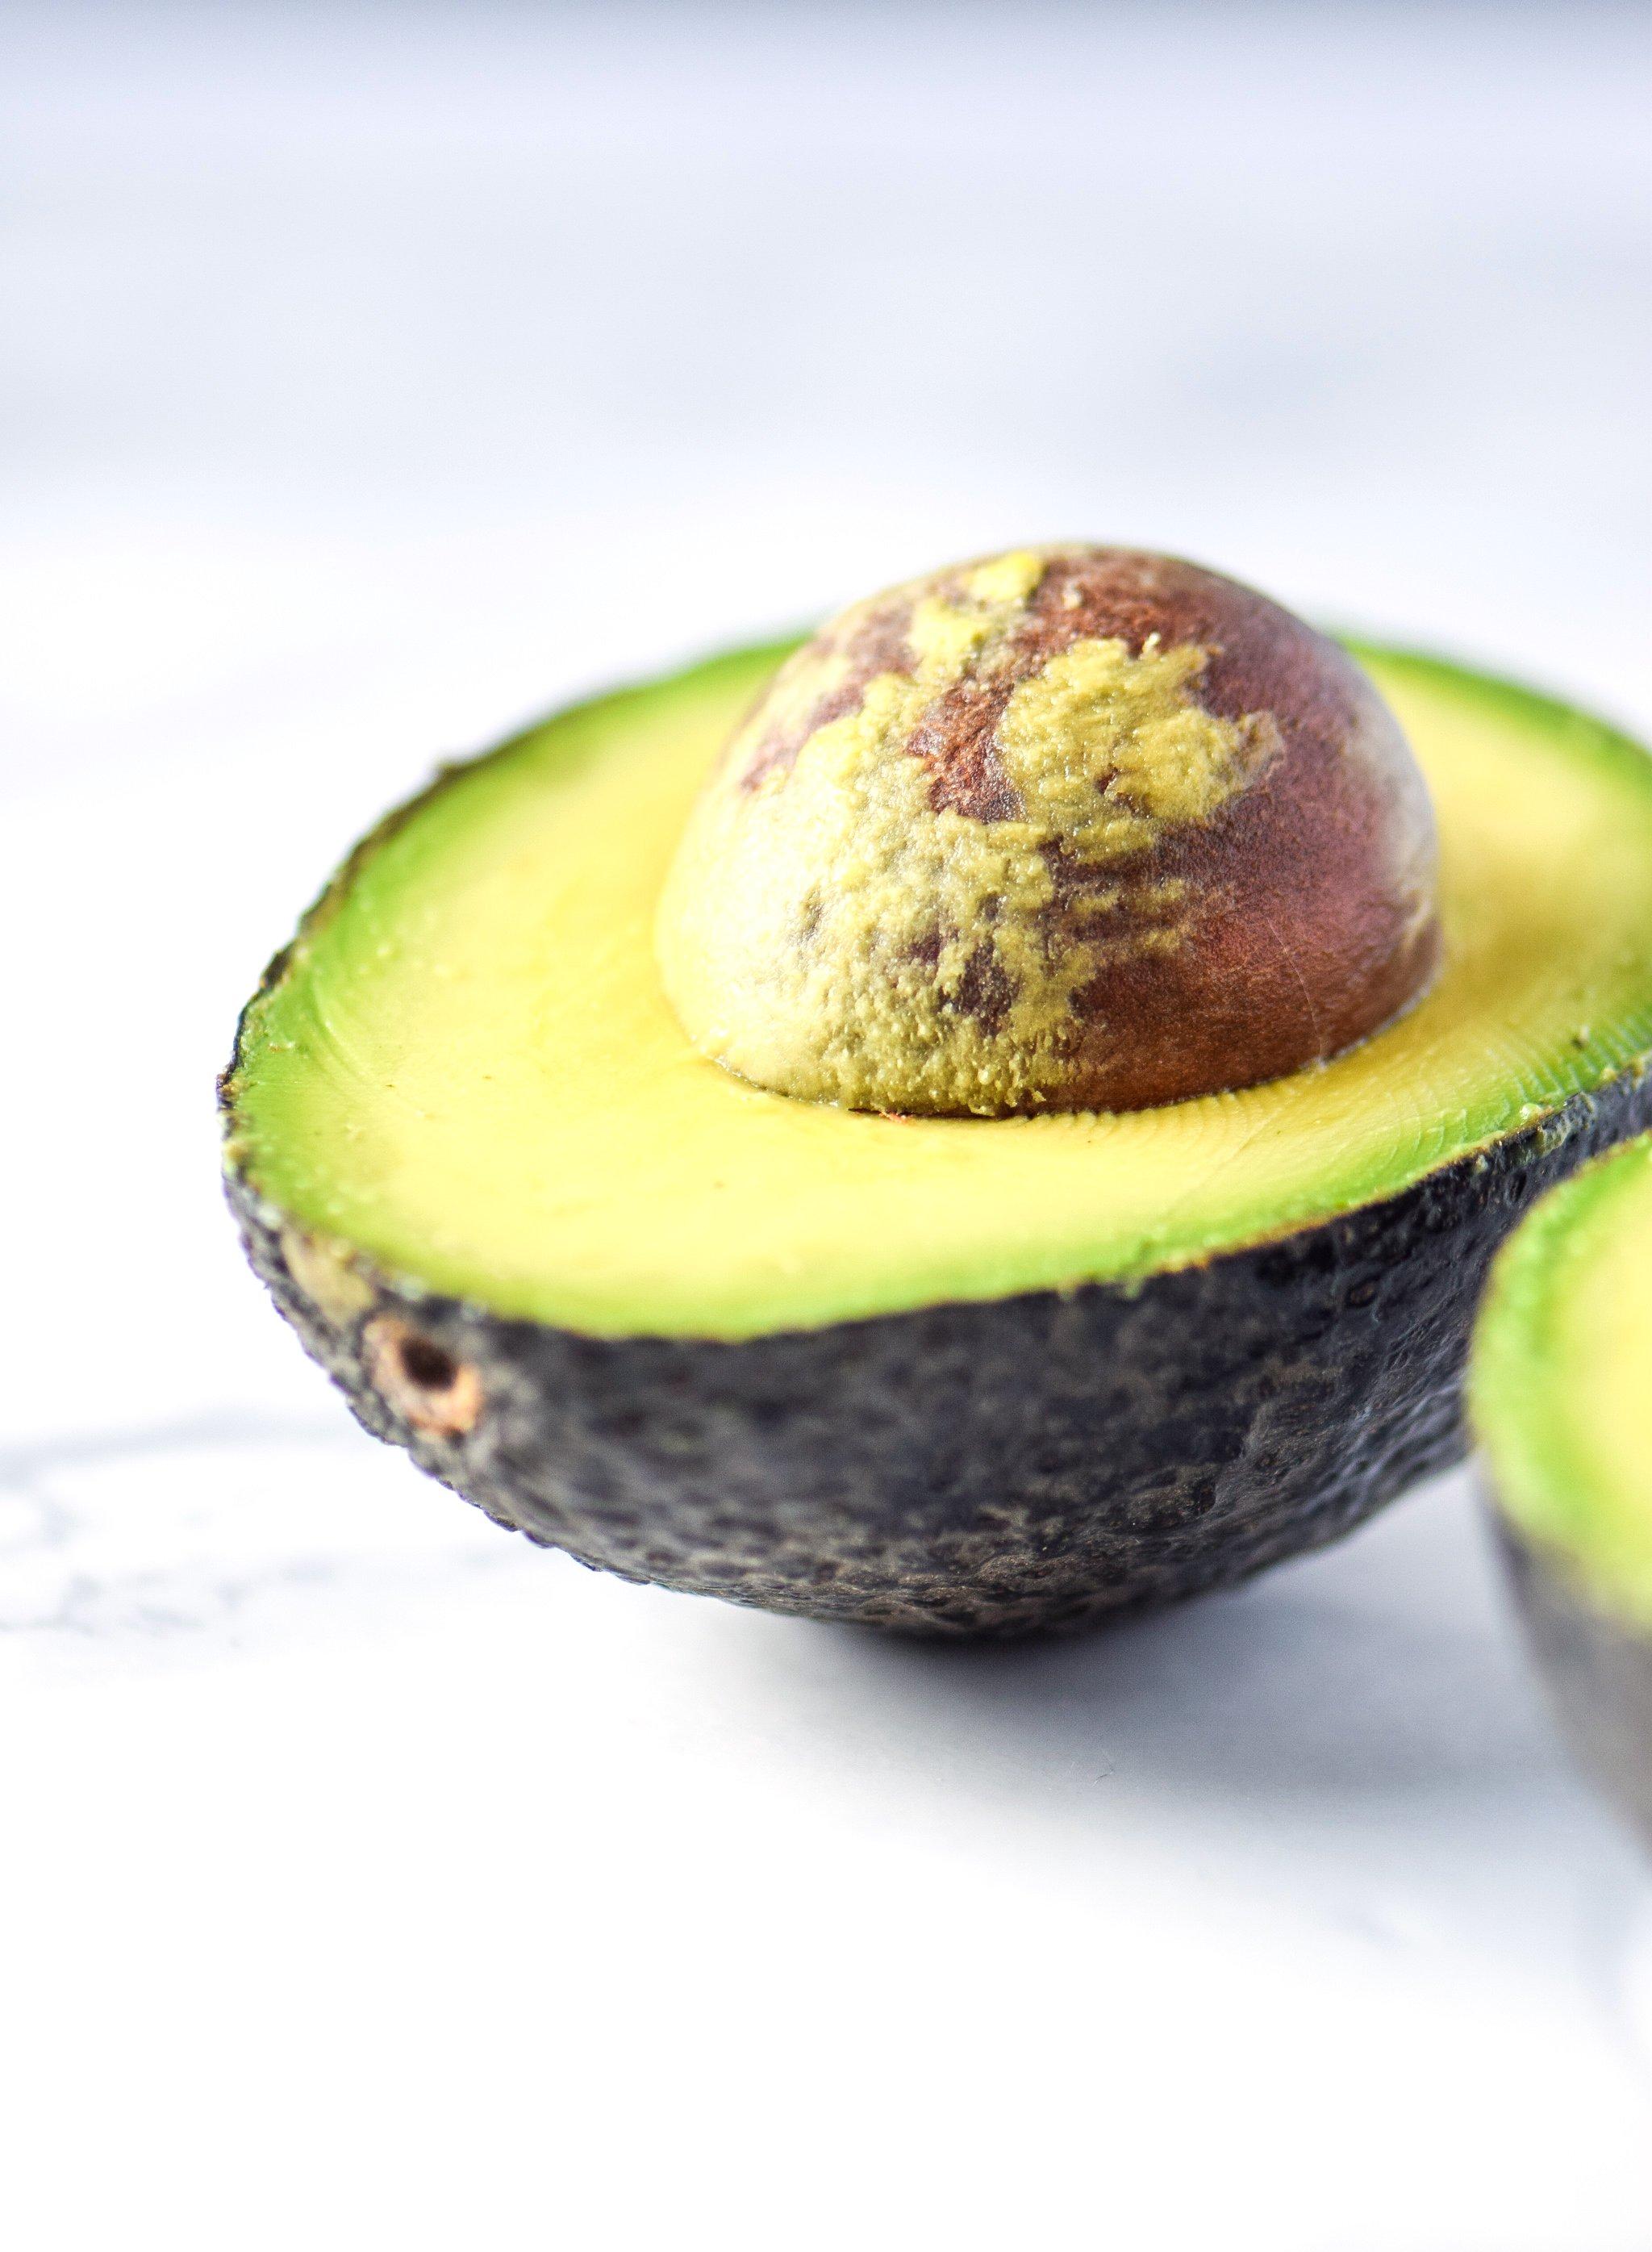 how to make avocado creamy